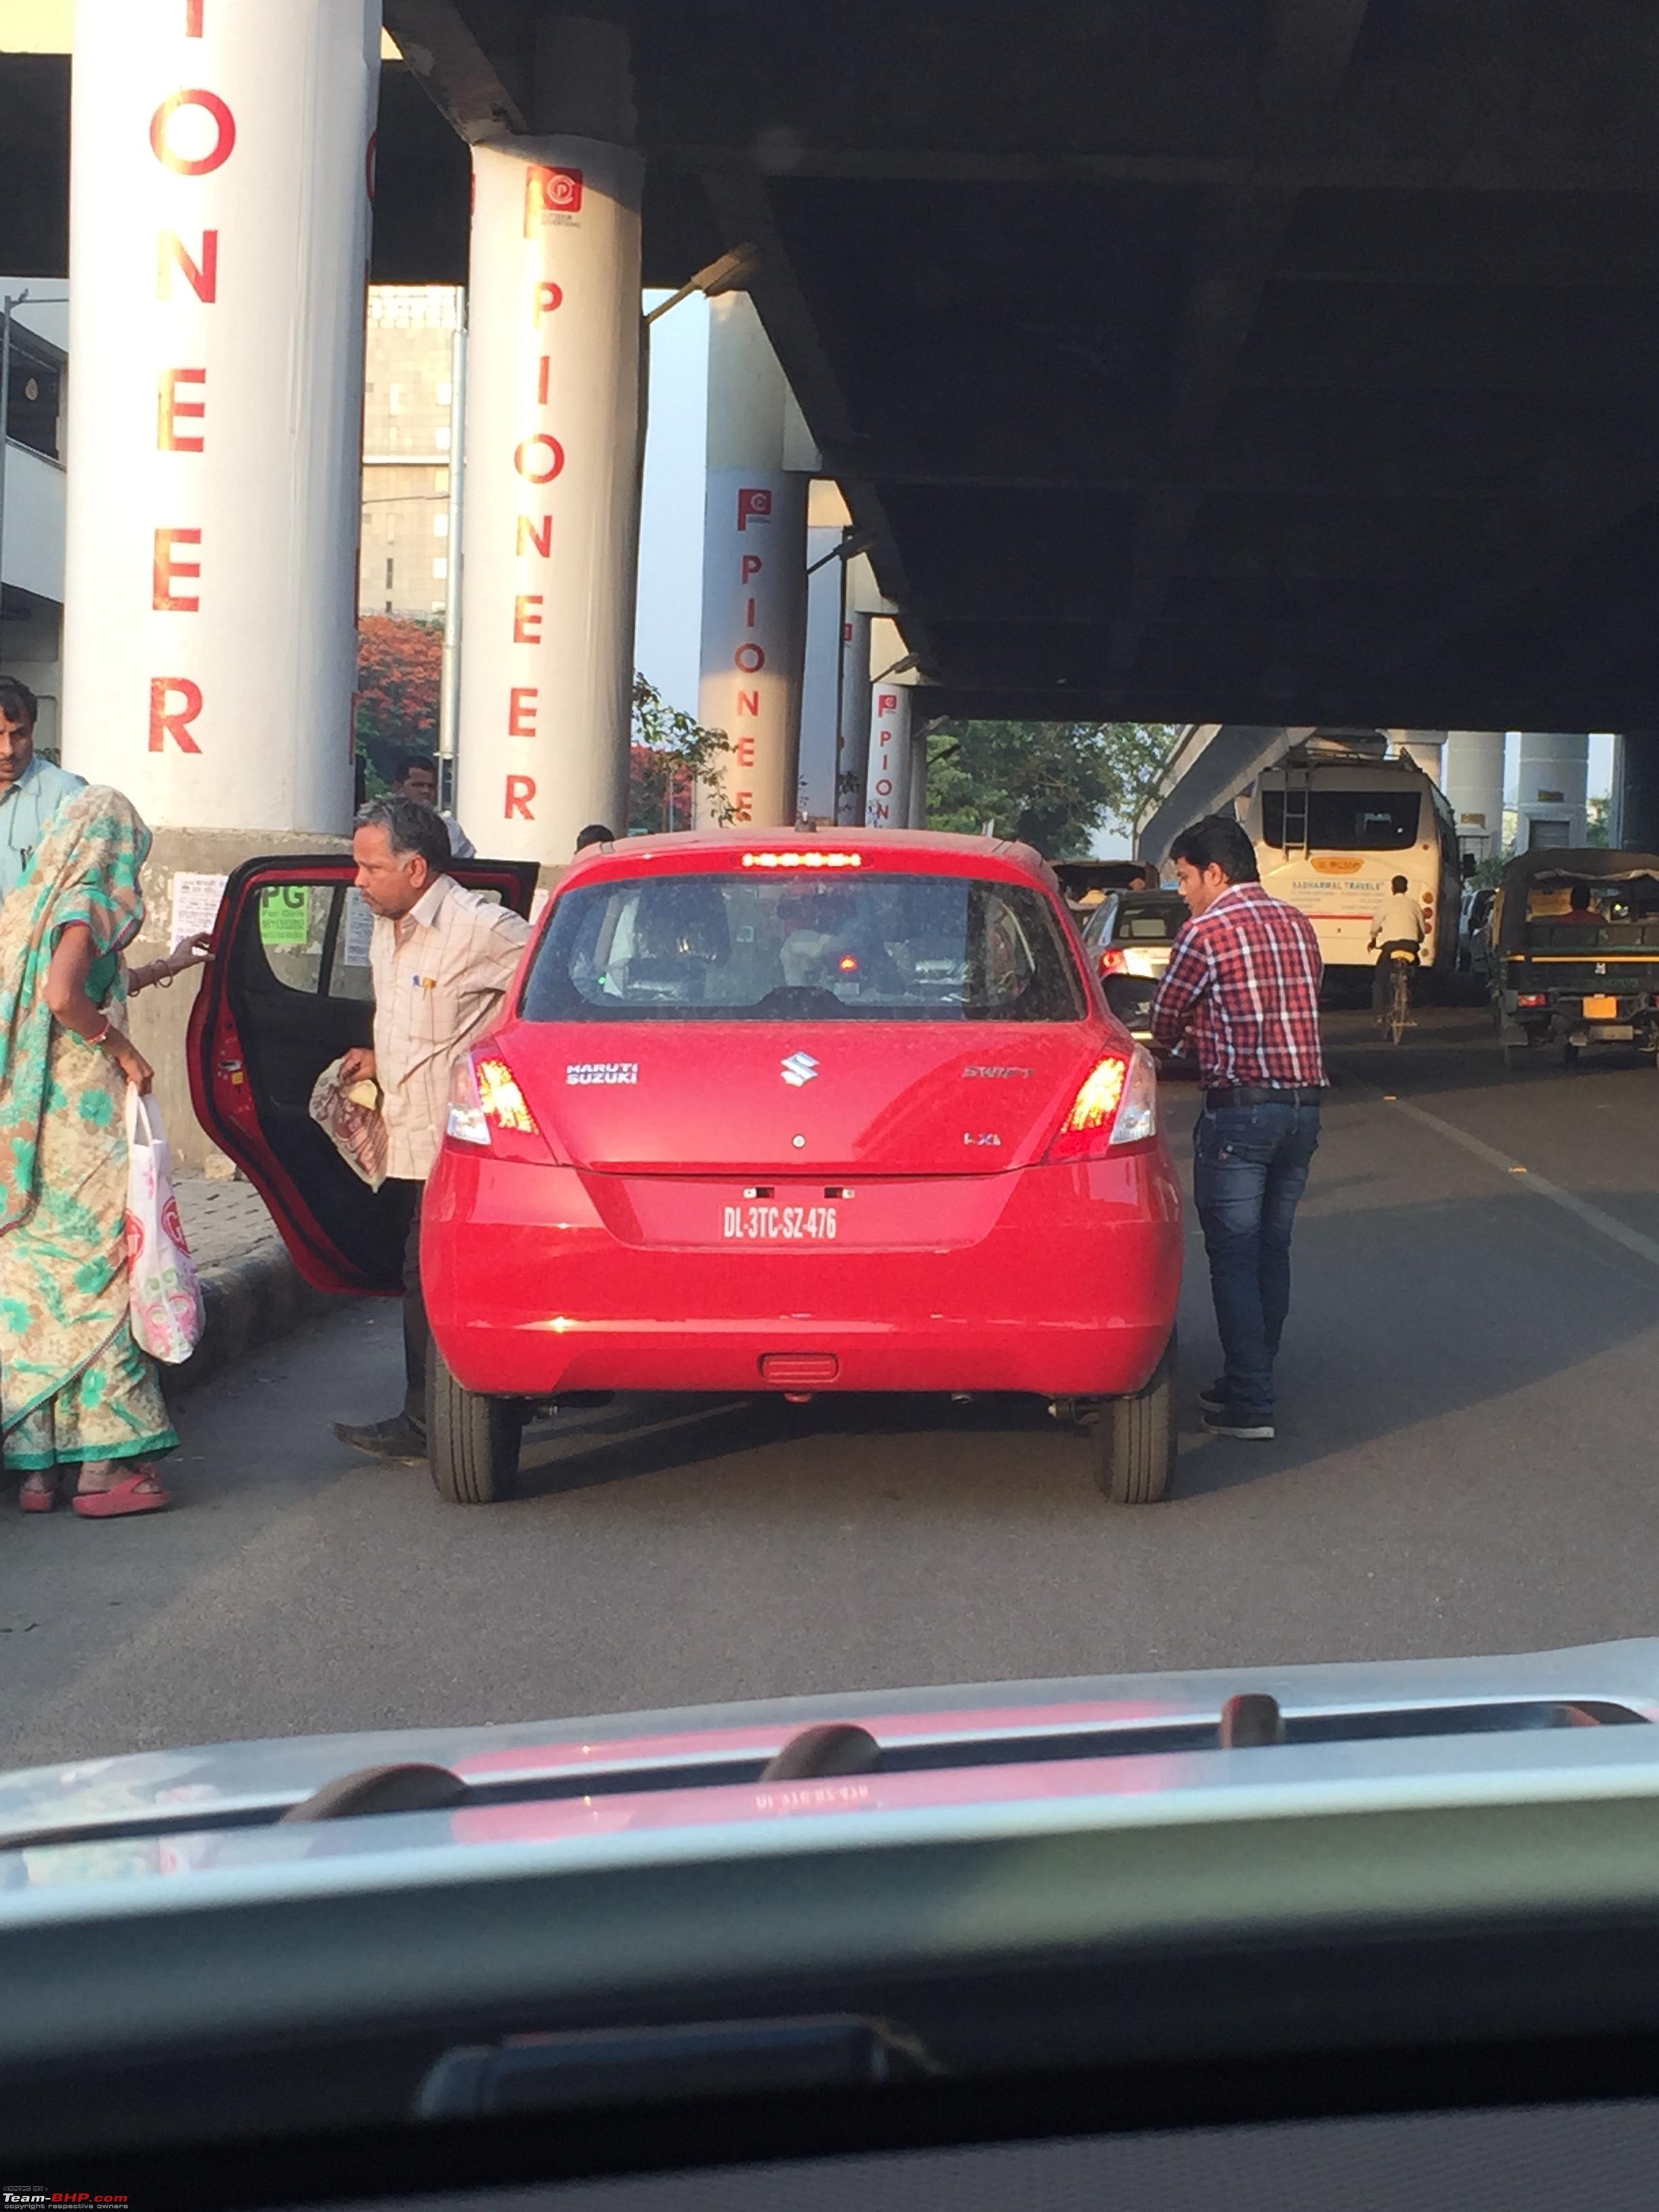 Suzuki Swift Used As Taxi (5)